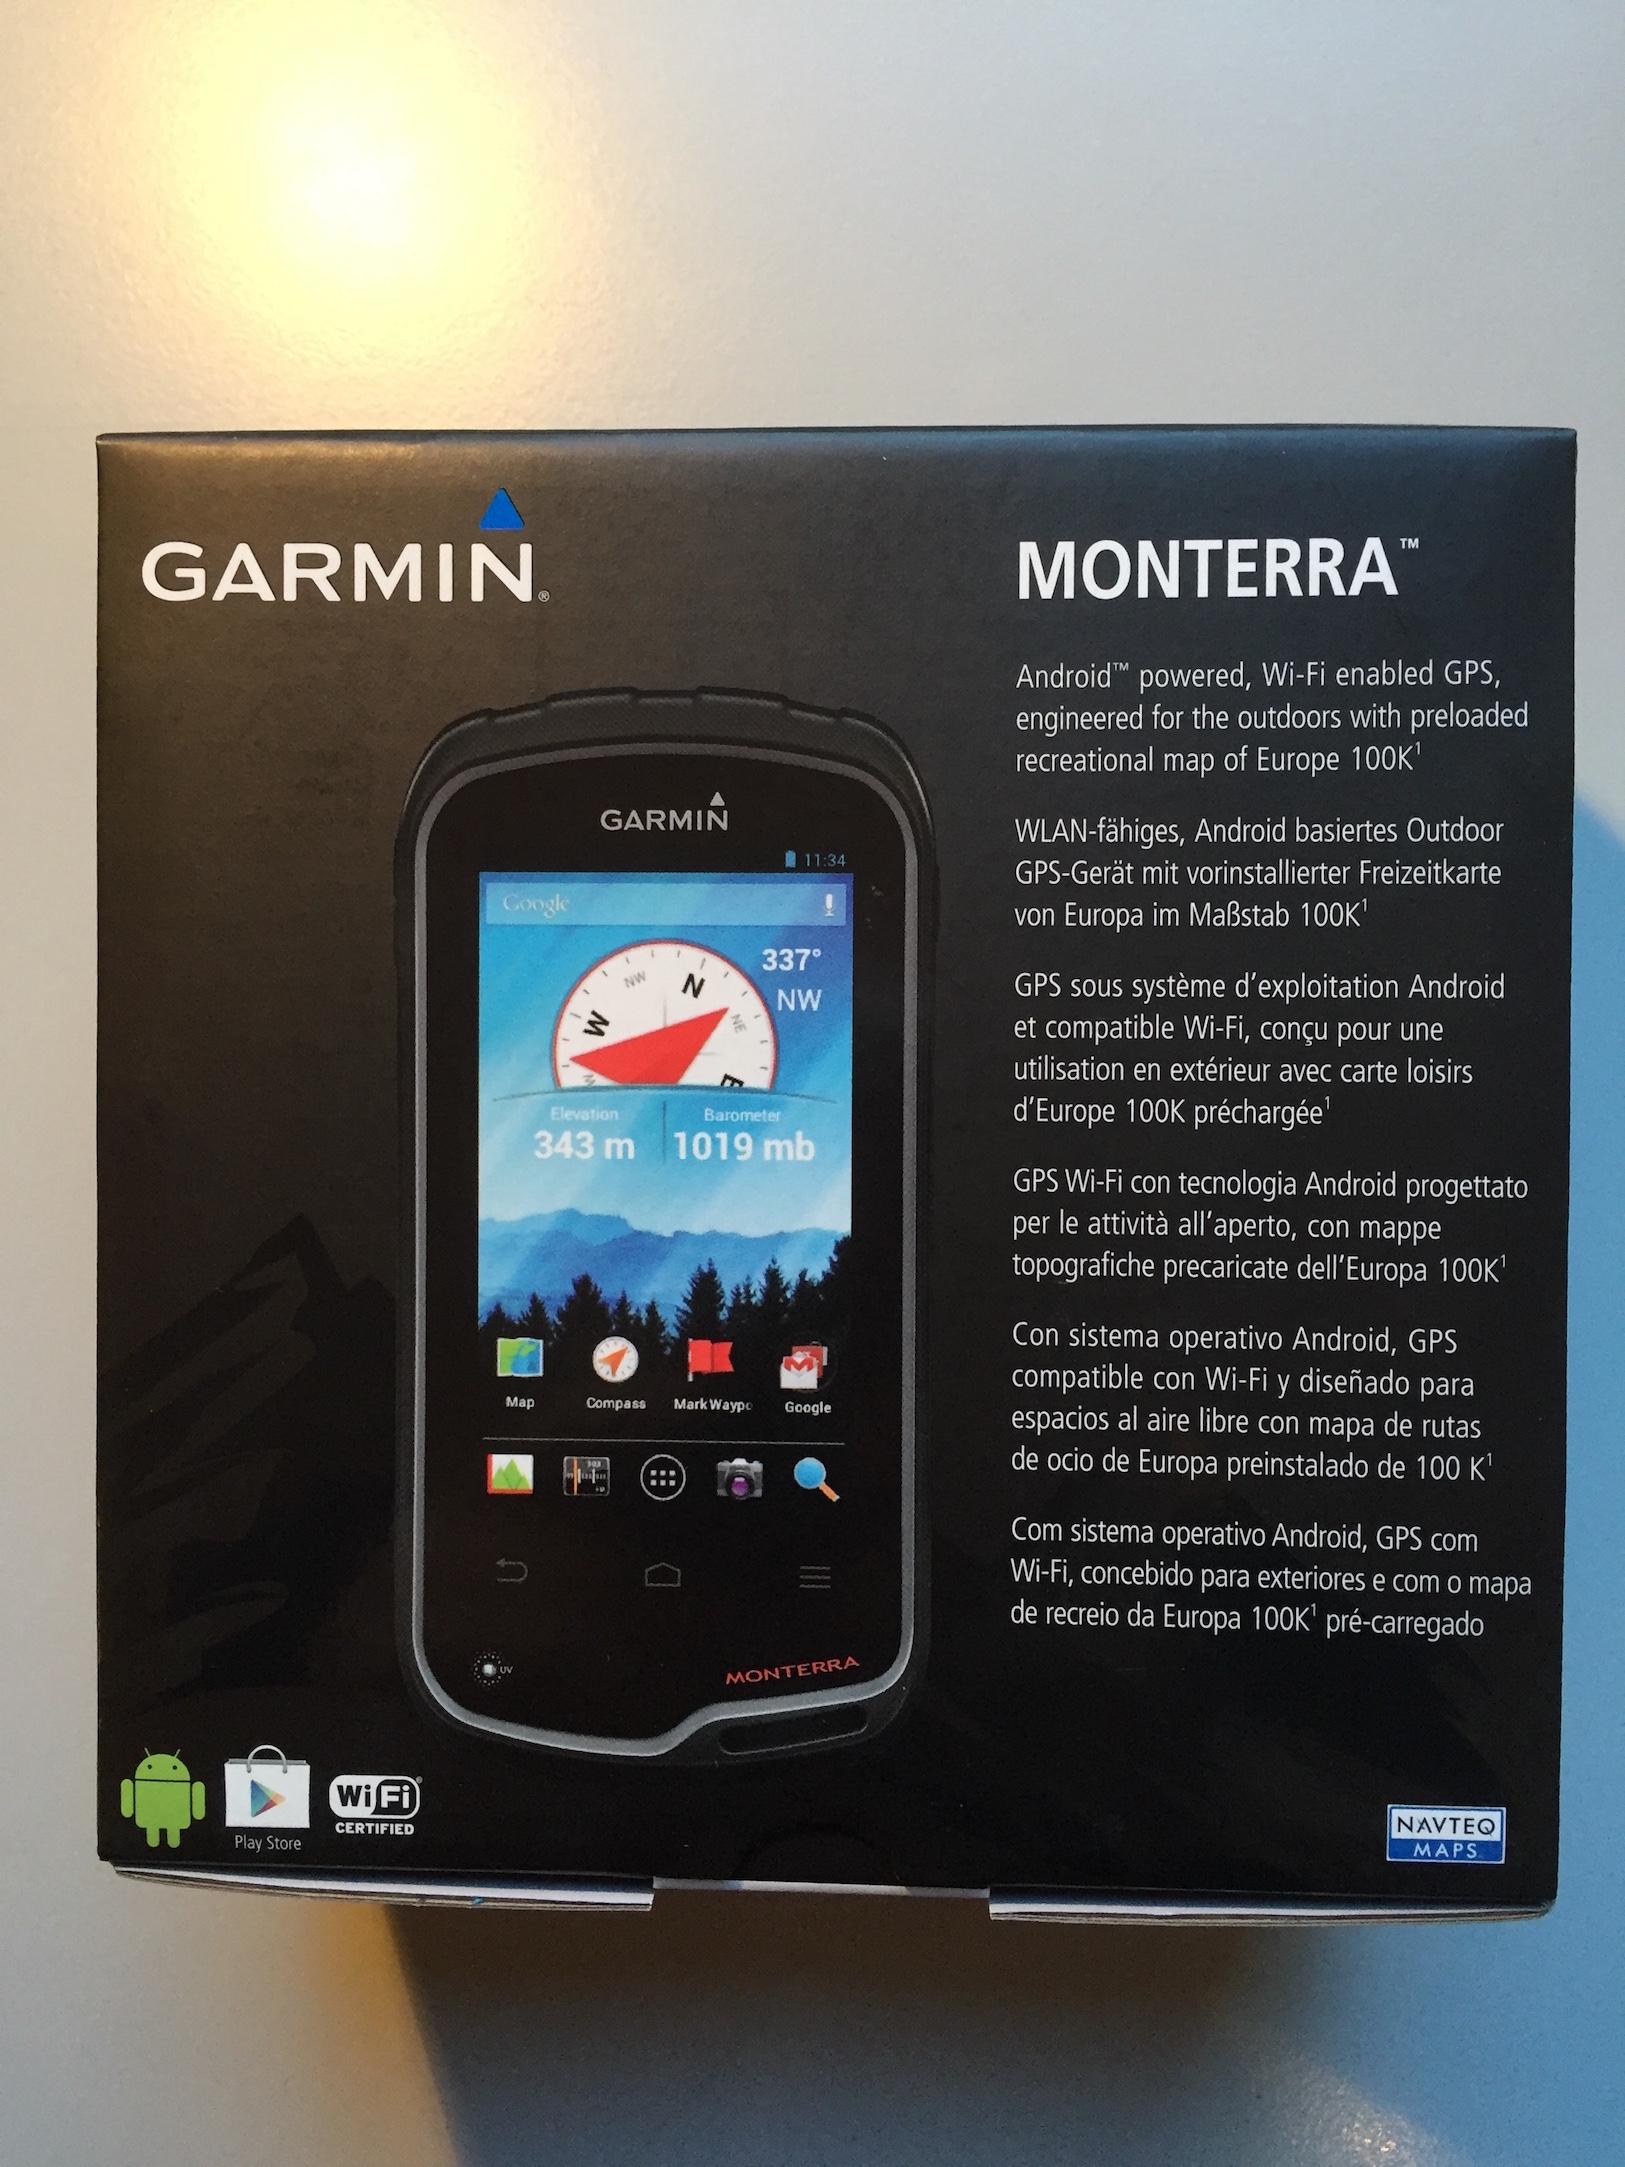 Garmin Monterra Box